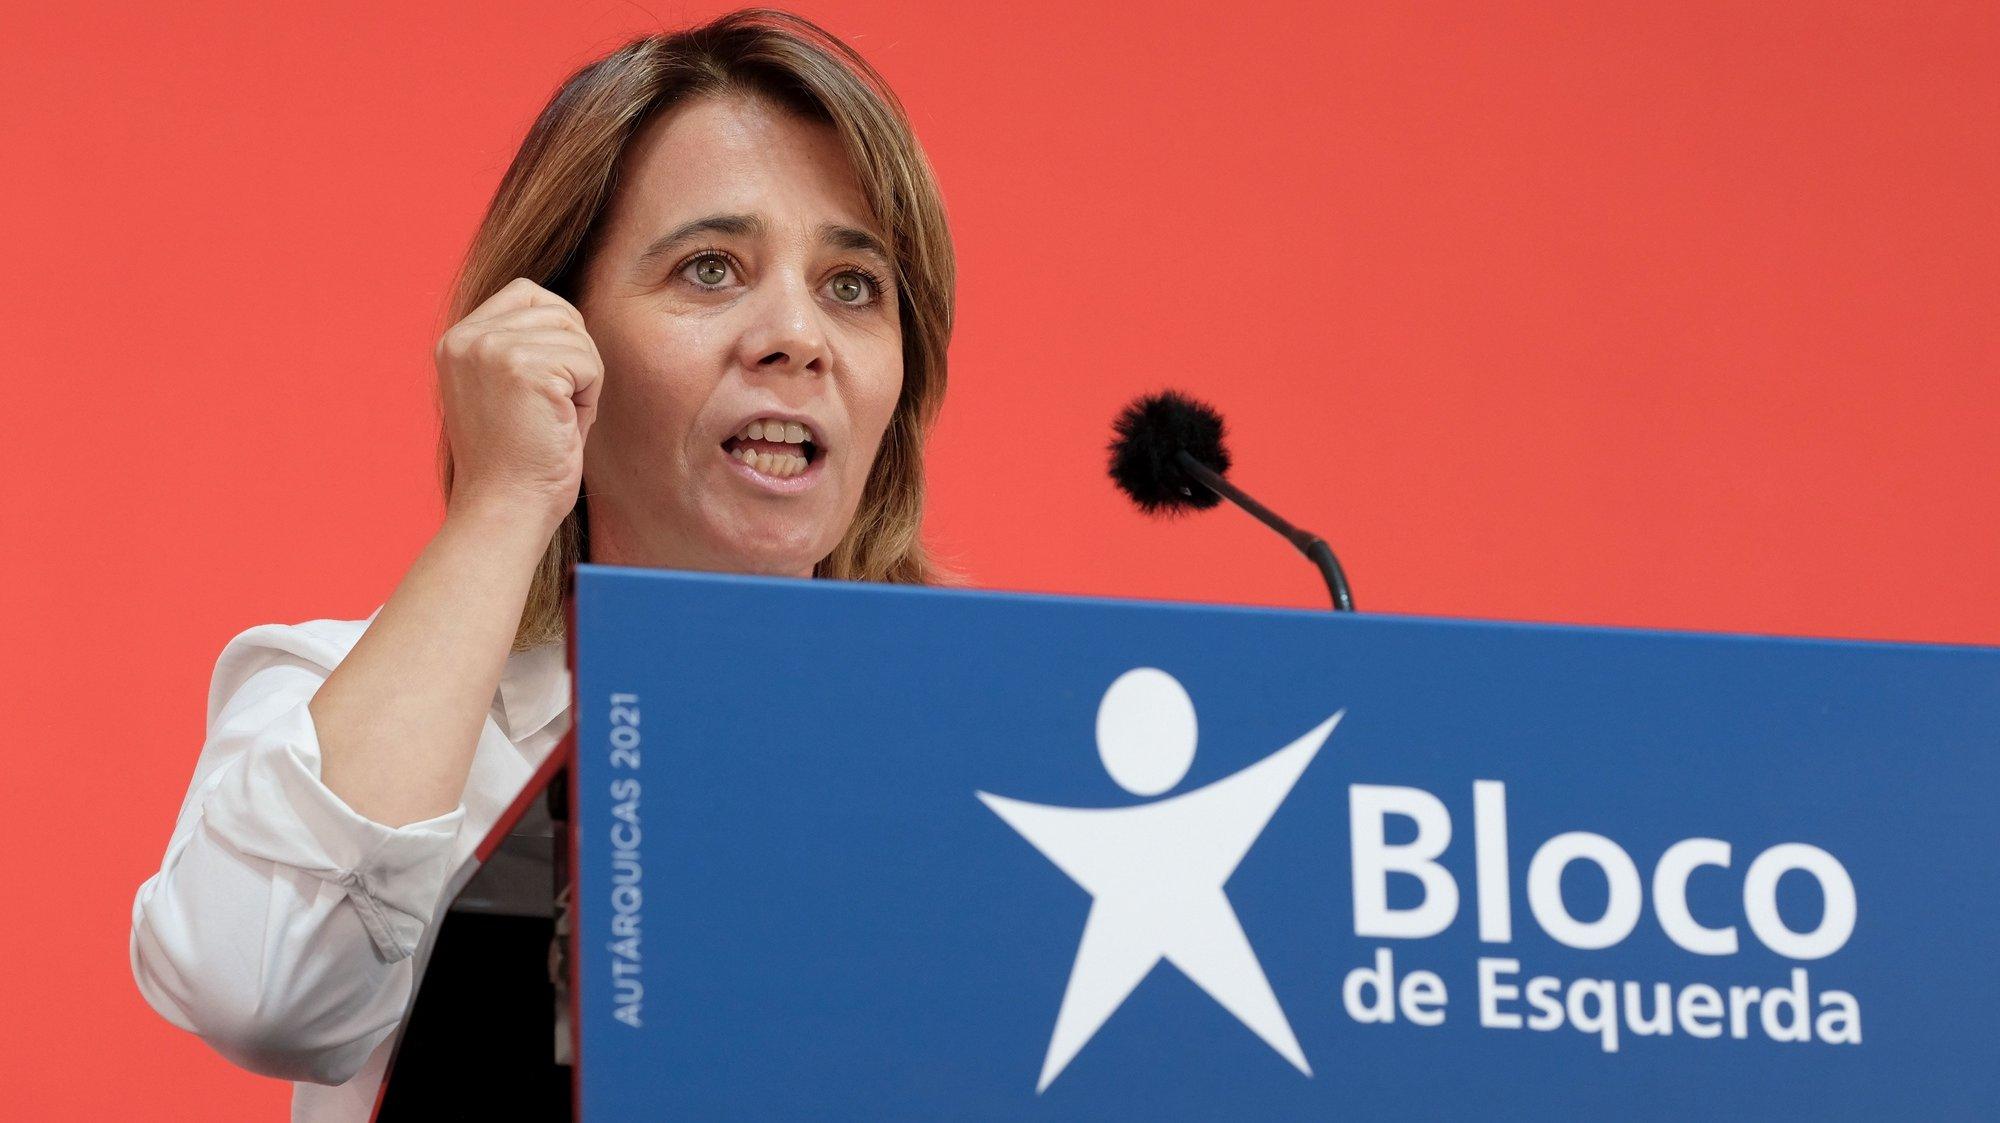 A coordenadora do Bloco de Esquerda, (BE), Catarina Martins, discursa durante um comício no Porto, 18 de setembro de 2021. No próximo dia 26 de setembro mais de 9,3 milhões eleitores podem votar nas eleições Autárquicas, para eleger os seus representantes locais. FERNANDO VELUDO/LUSA